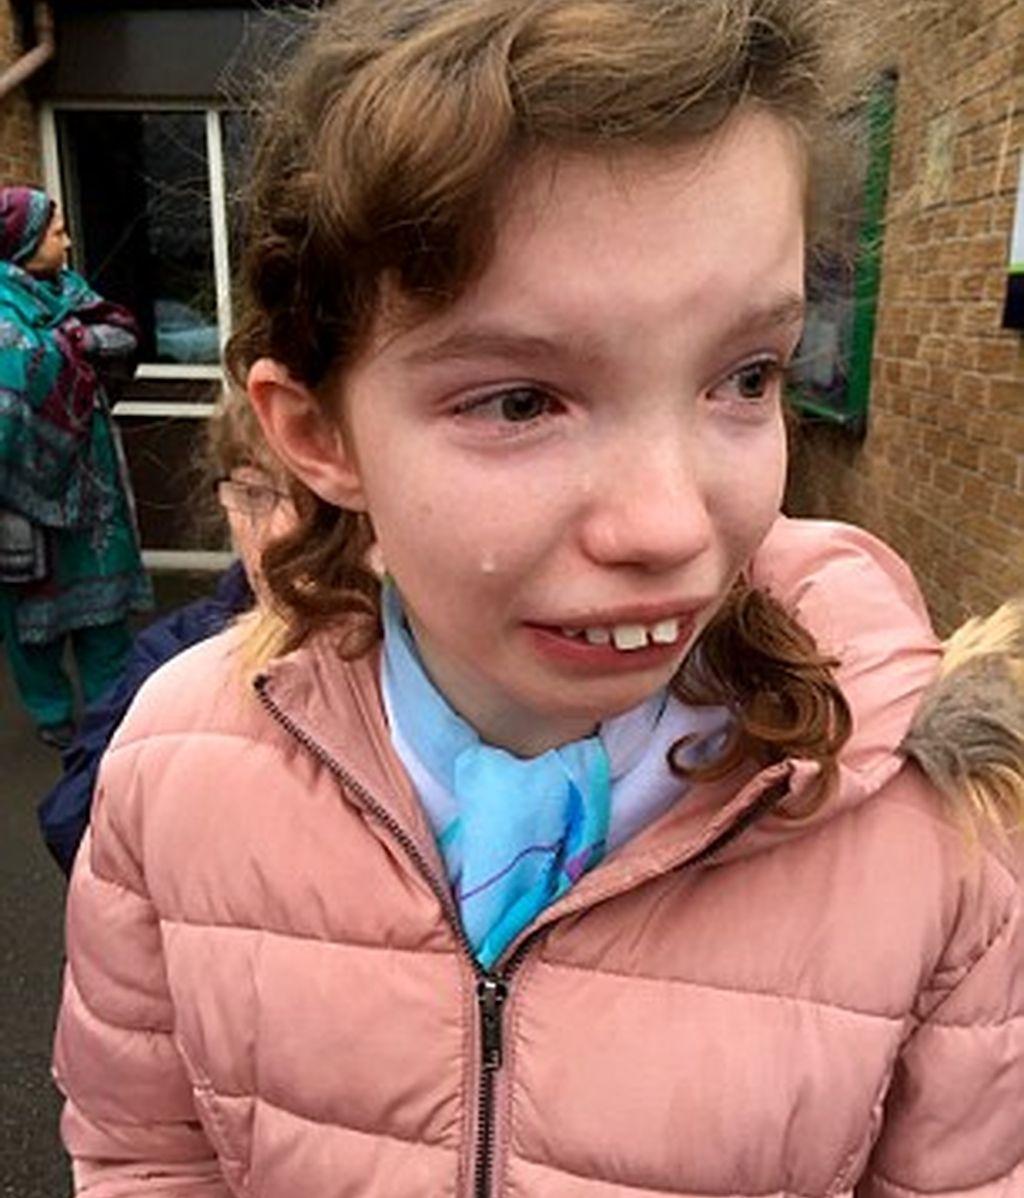 Madre comparte la foto de su hija llorando por una huelga de profesores